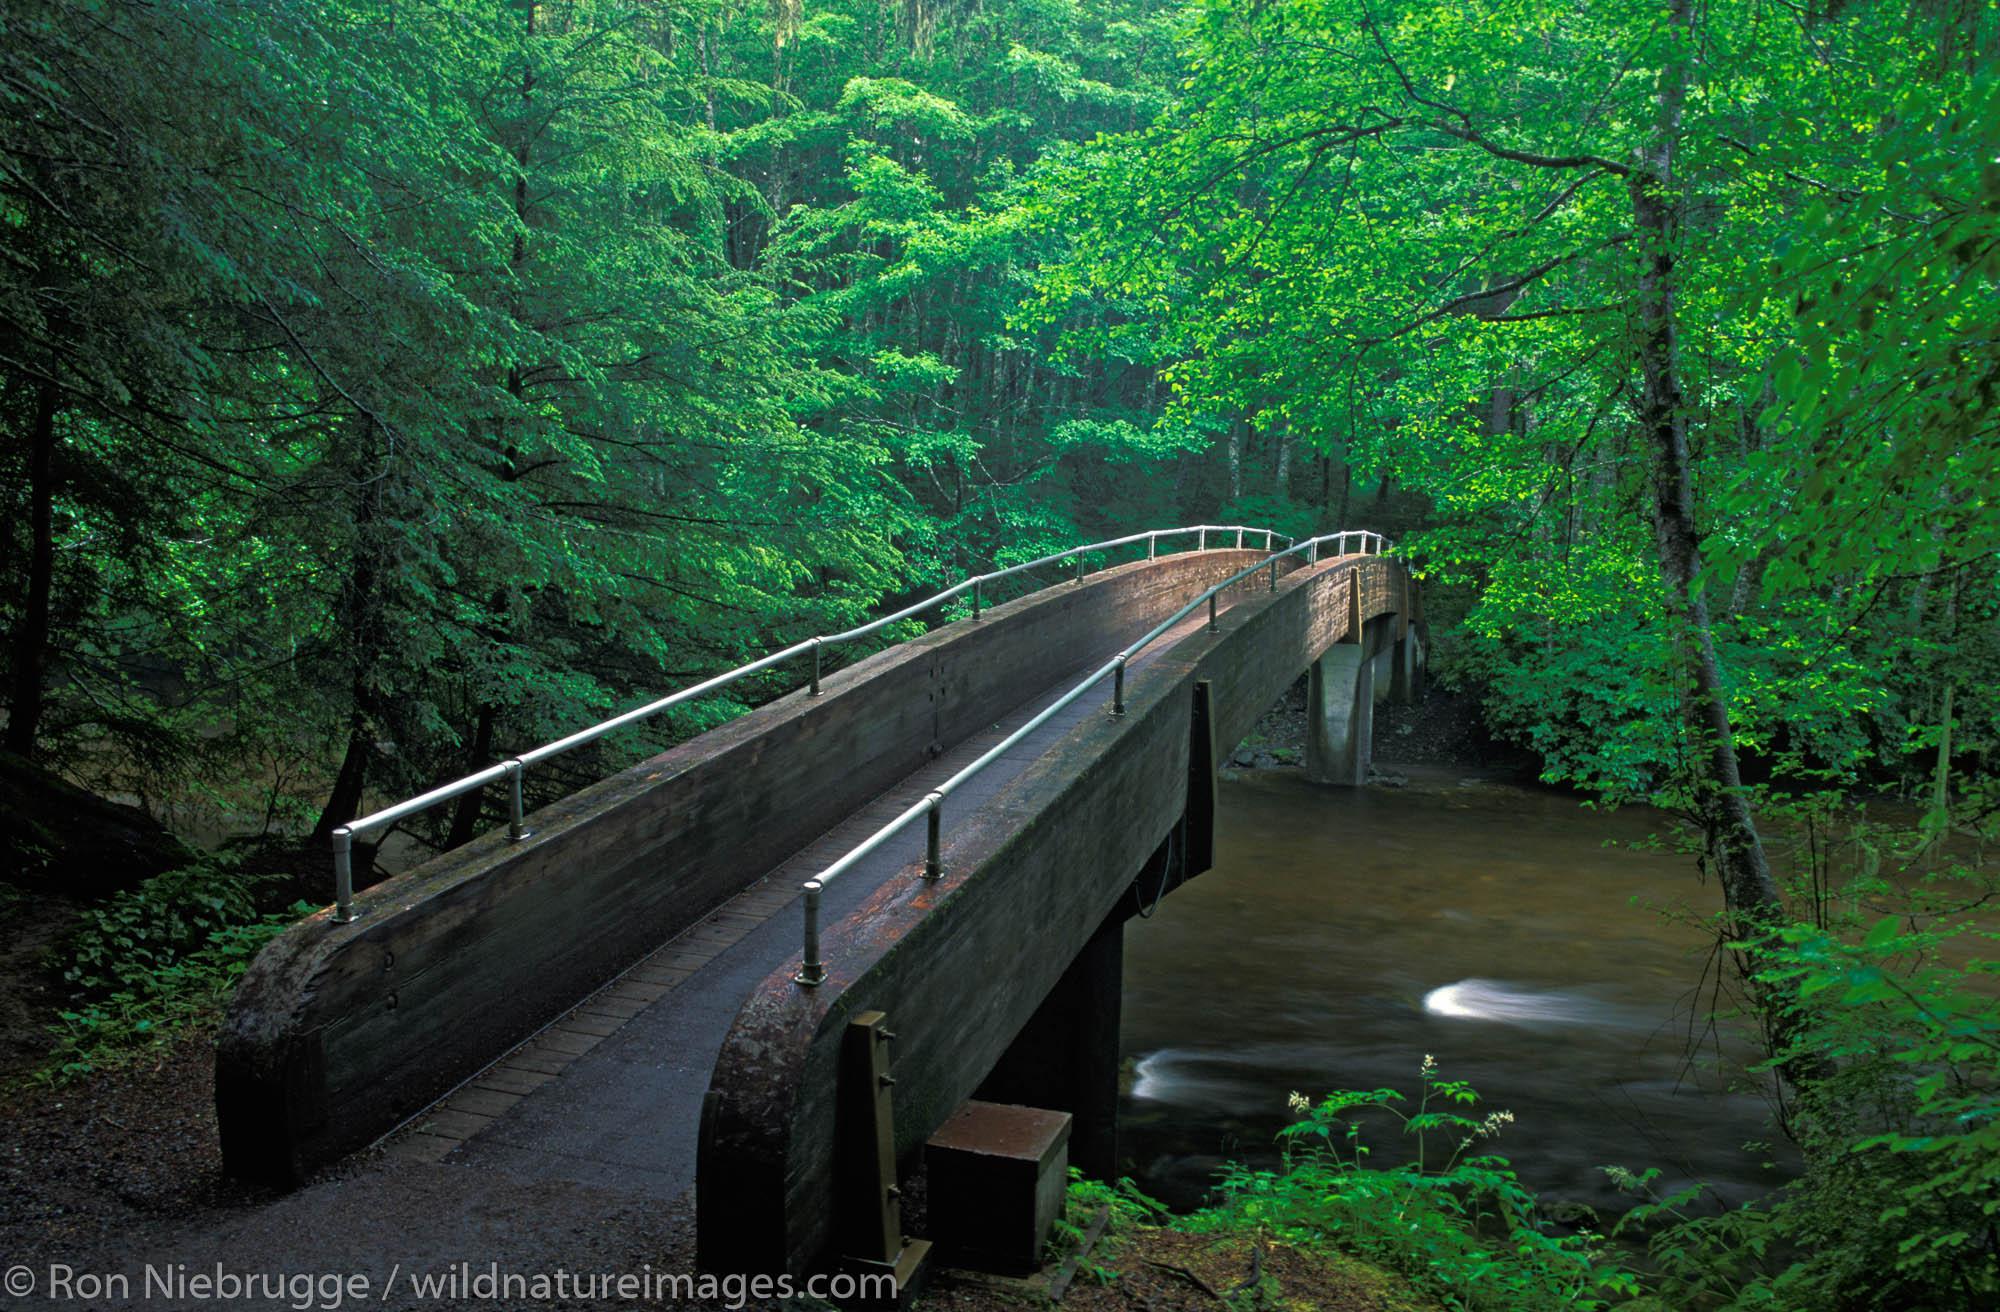 Bridge over Indian River, Sitka National Historical Park, Sitka, Alaska.